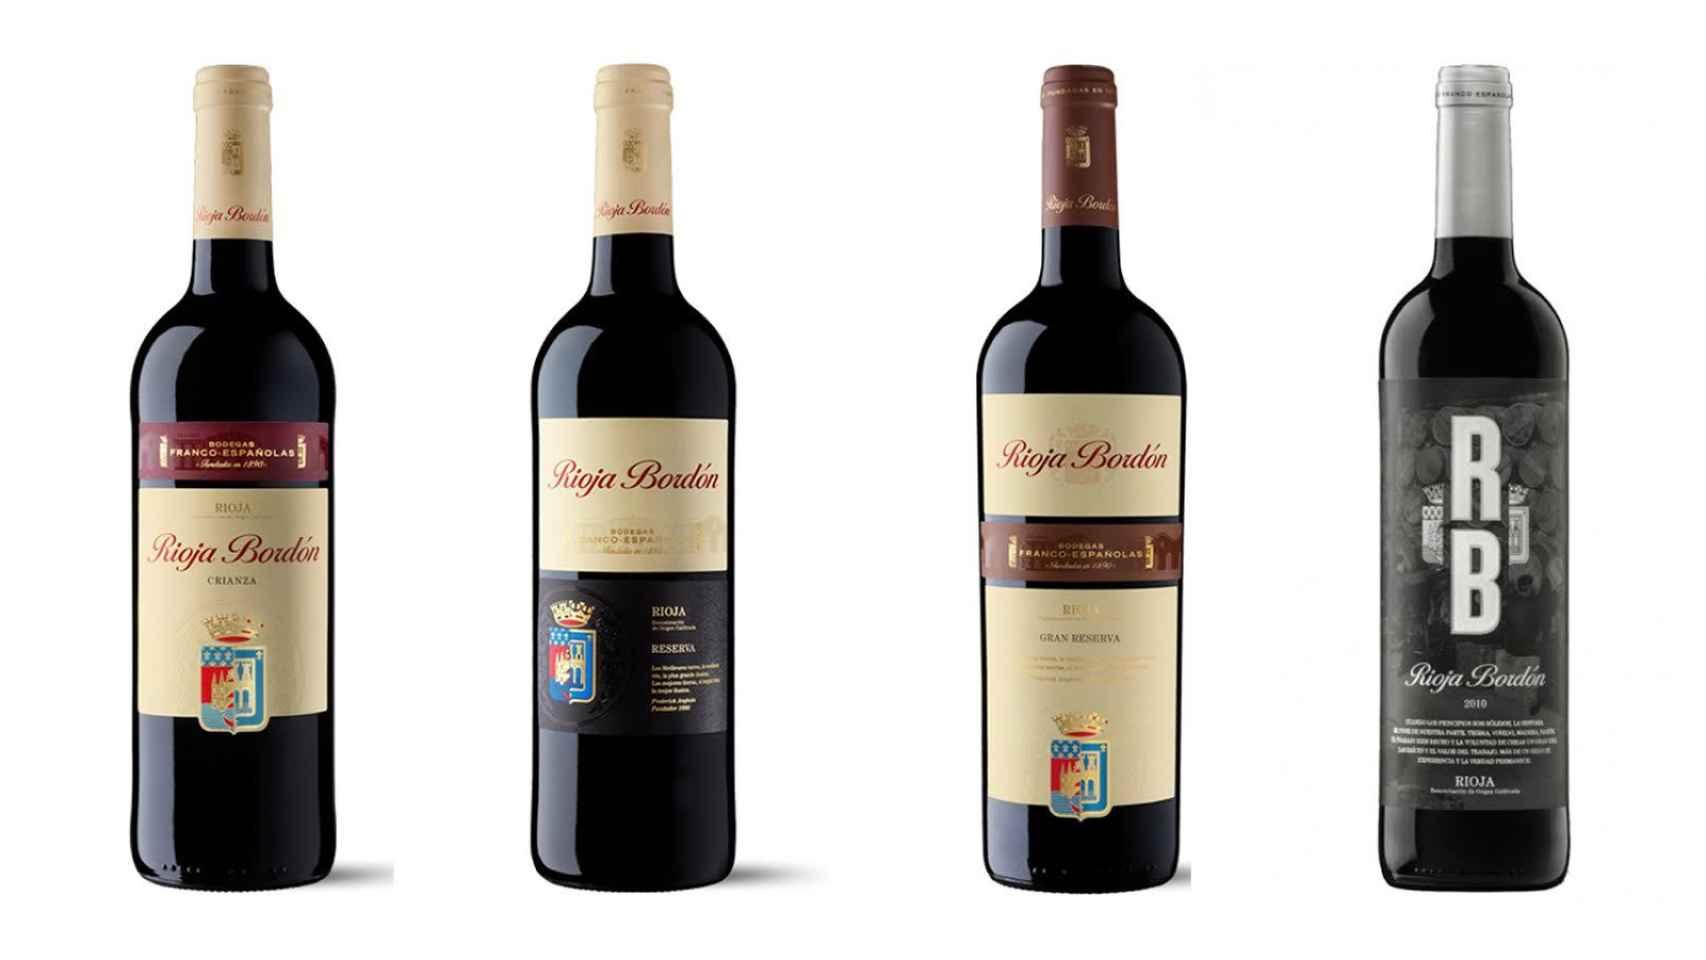 La gama de Rioja Bordón: crianza, reserva y Gran Reserva, y la versión RB Selección ( etiqueta negra).